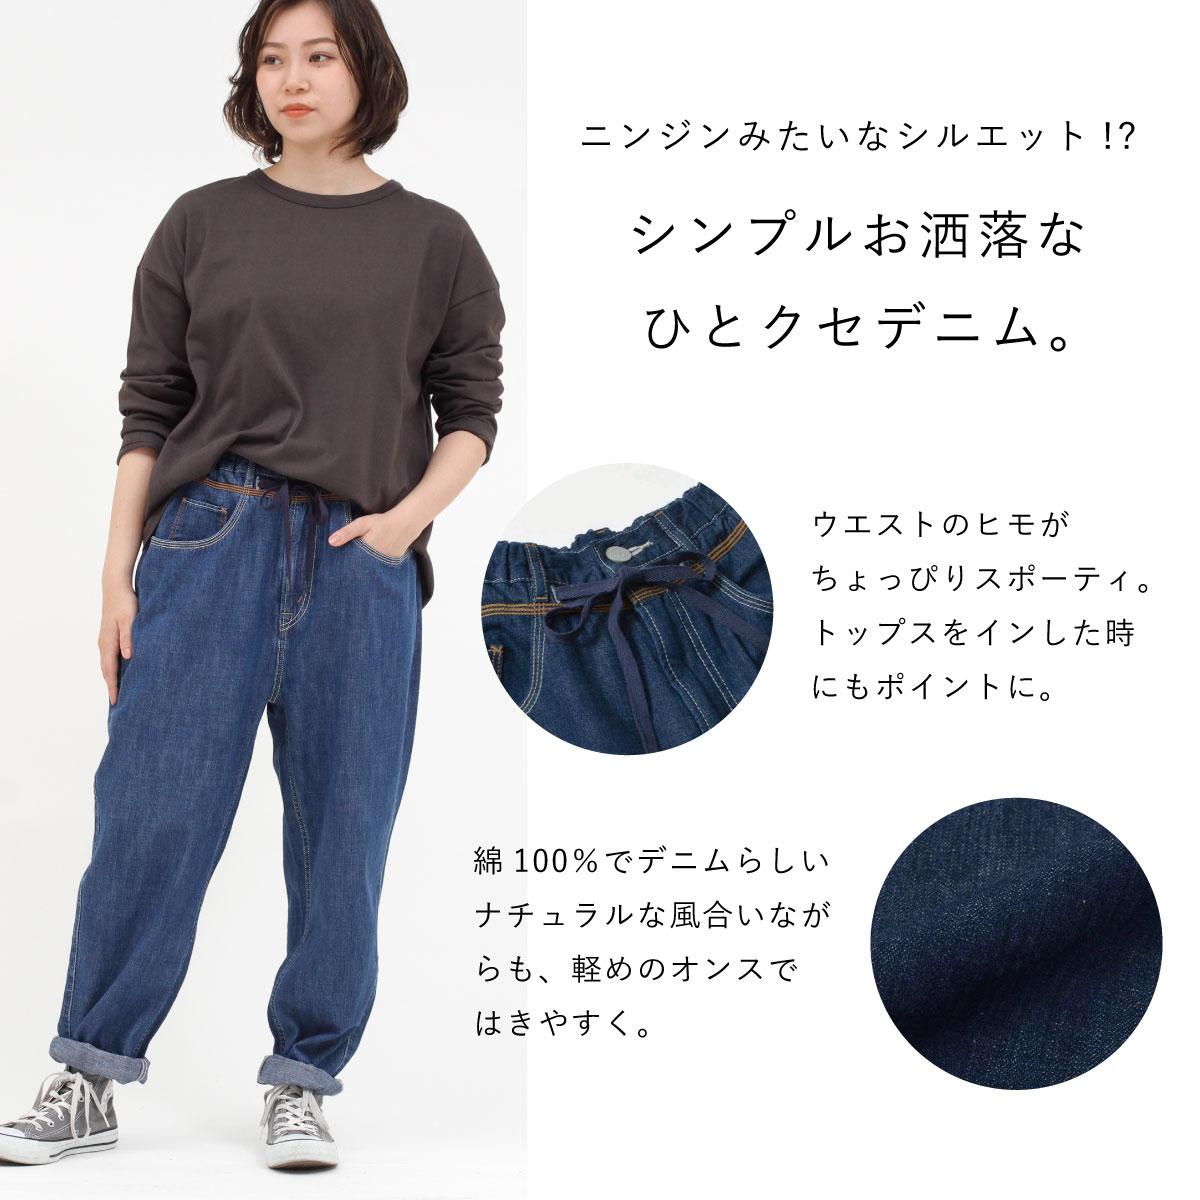 【NEW SALE】Cafetty キャロットテーパード CF0367